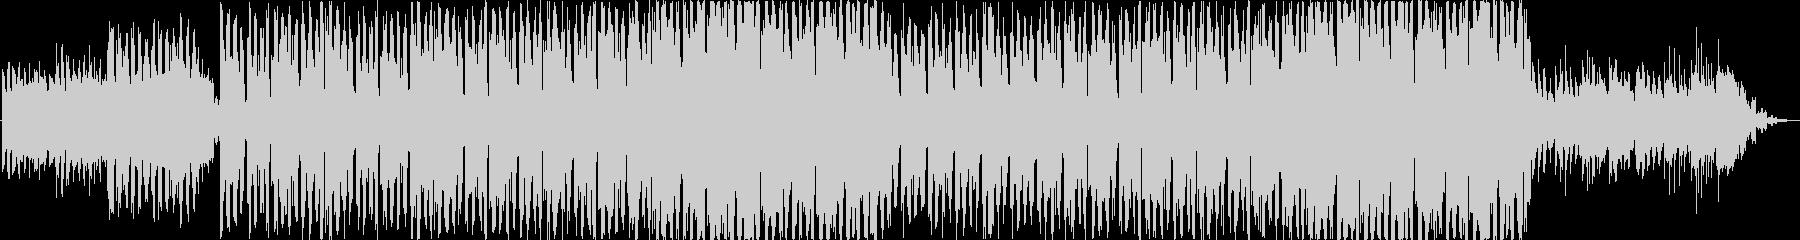 和風な要素を持ったエレクトロ楽曲です。…の未再生の波形